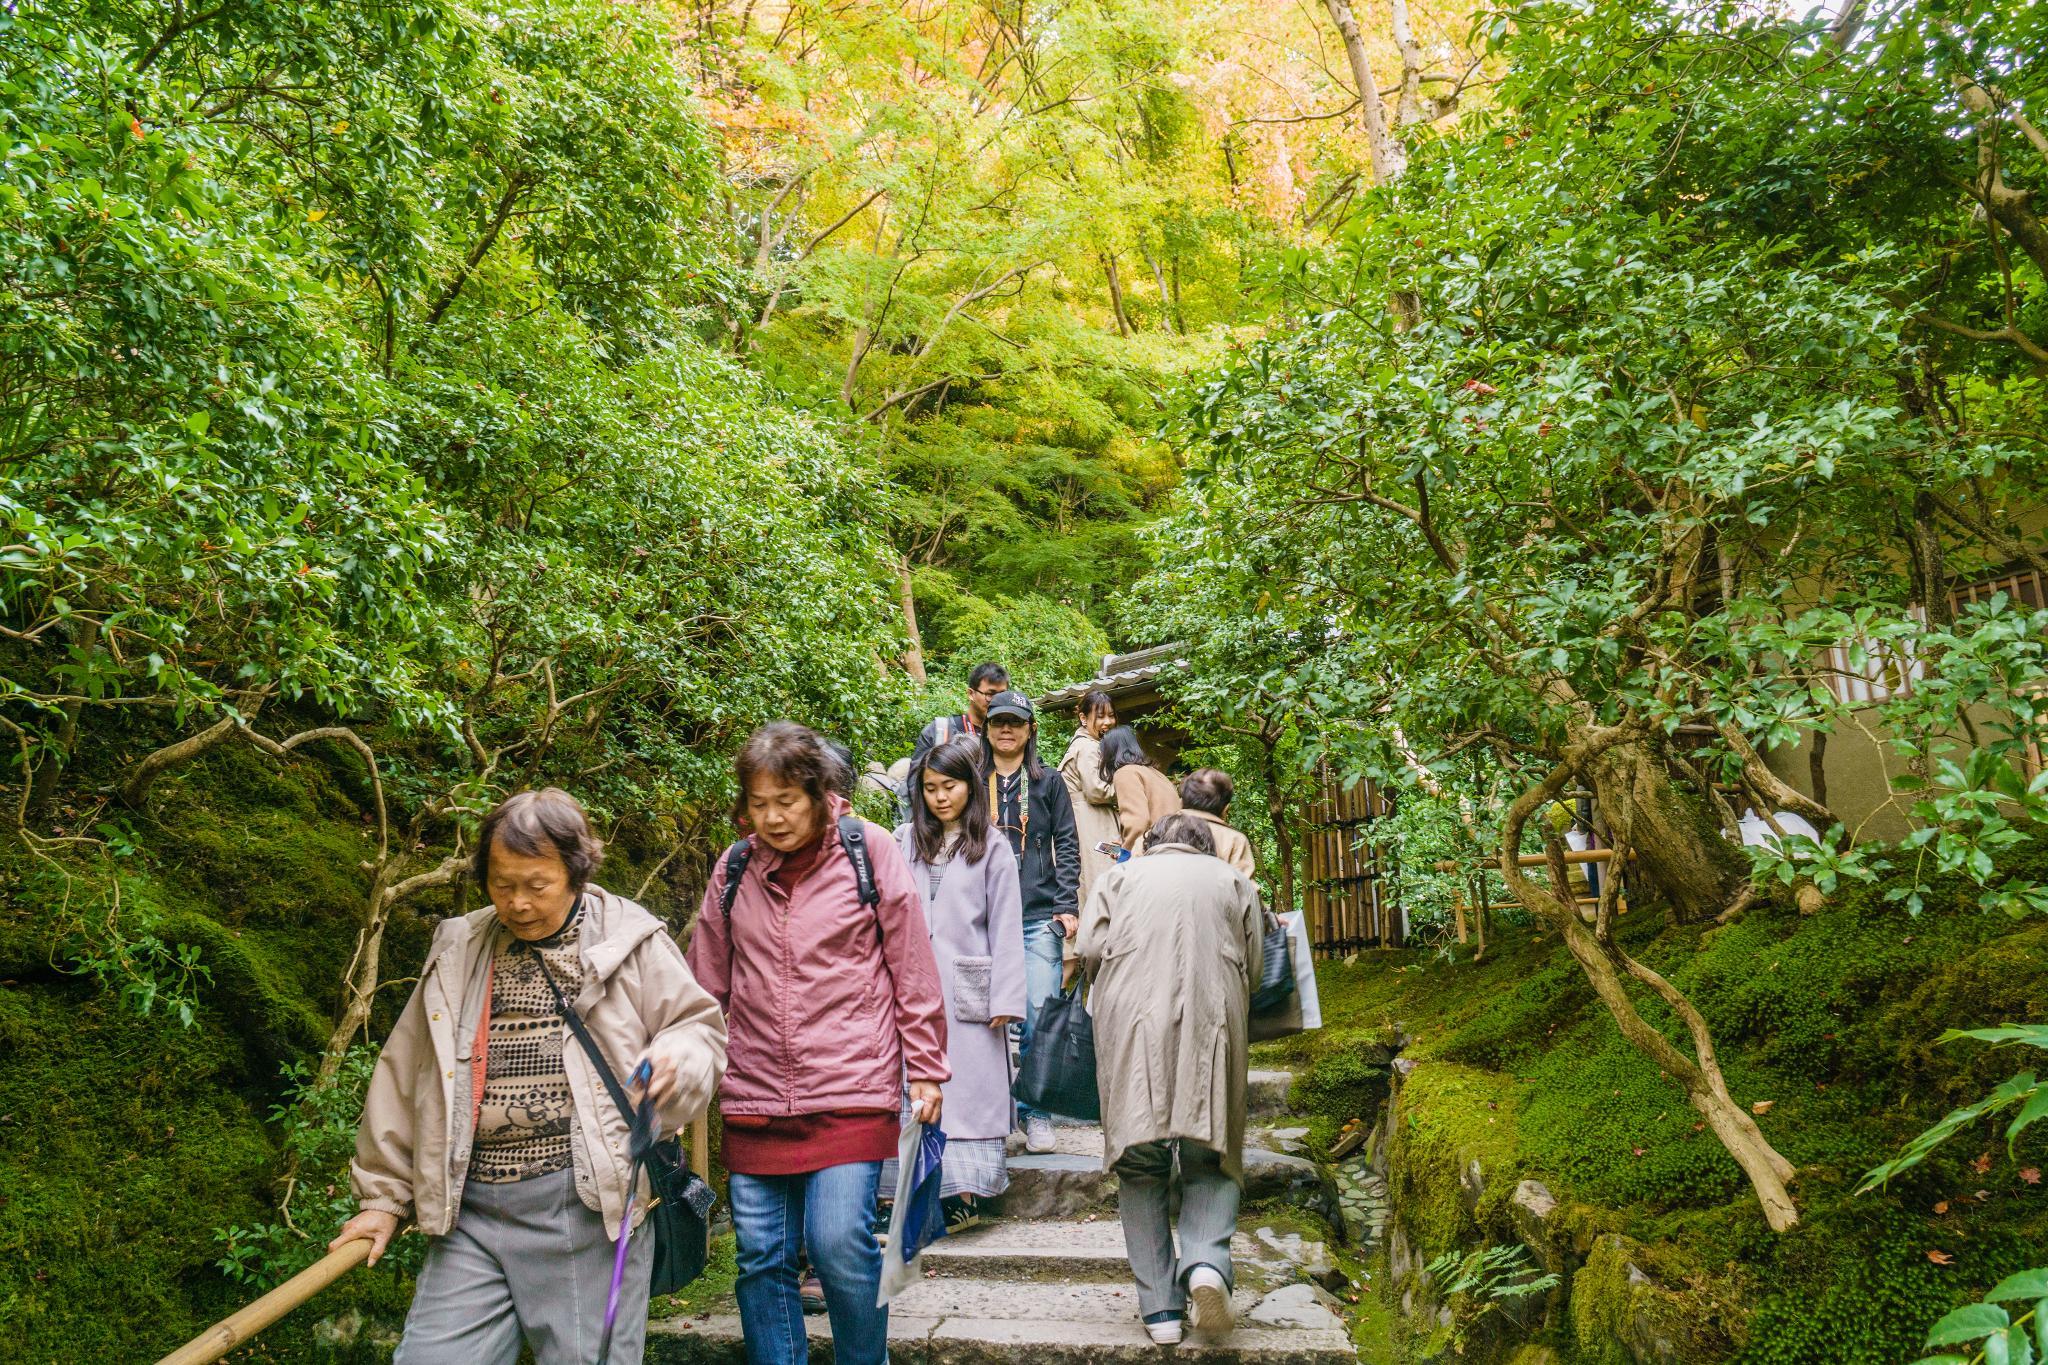 【京都】如夢似幻的琉璃光影 - 八瀨琉璃光院 79